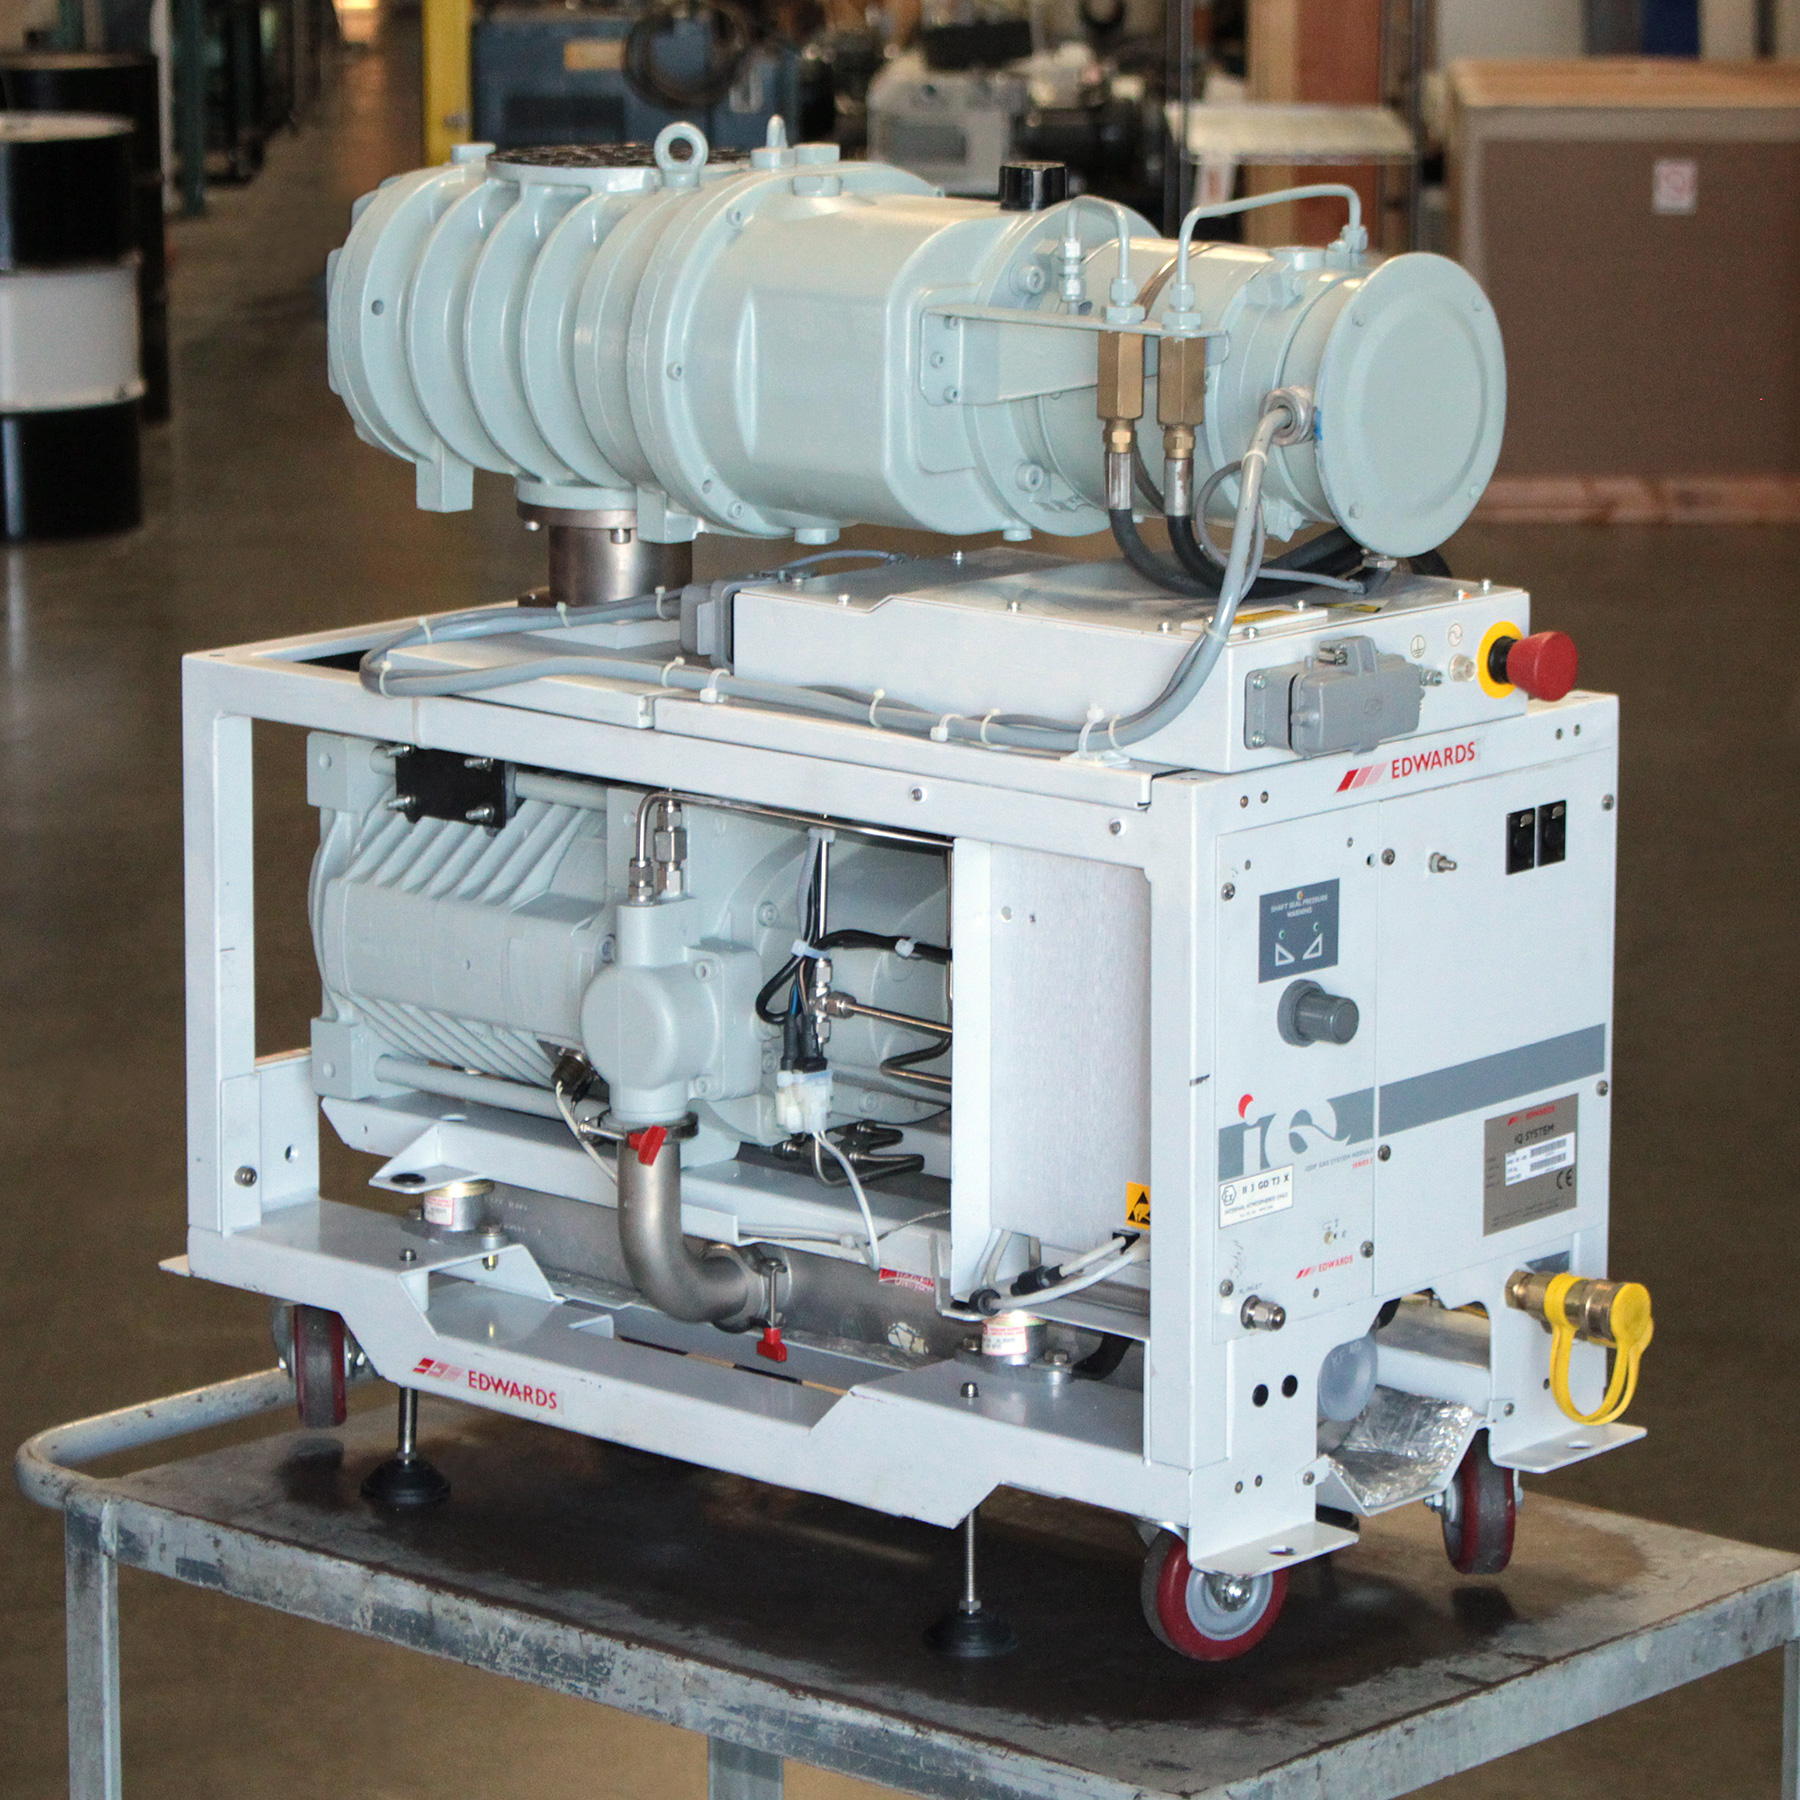 Edwards iQDP80 / QMB500 Vacuum Blower System REBUILT #5F4737